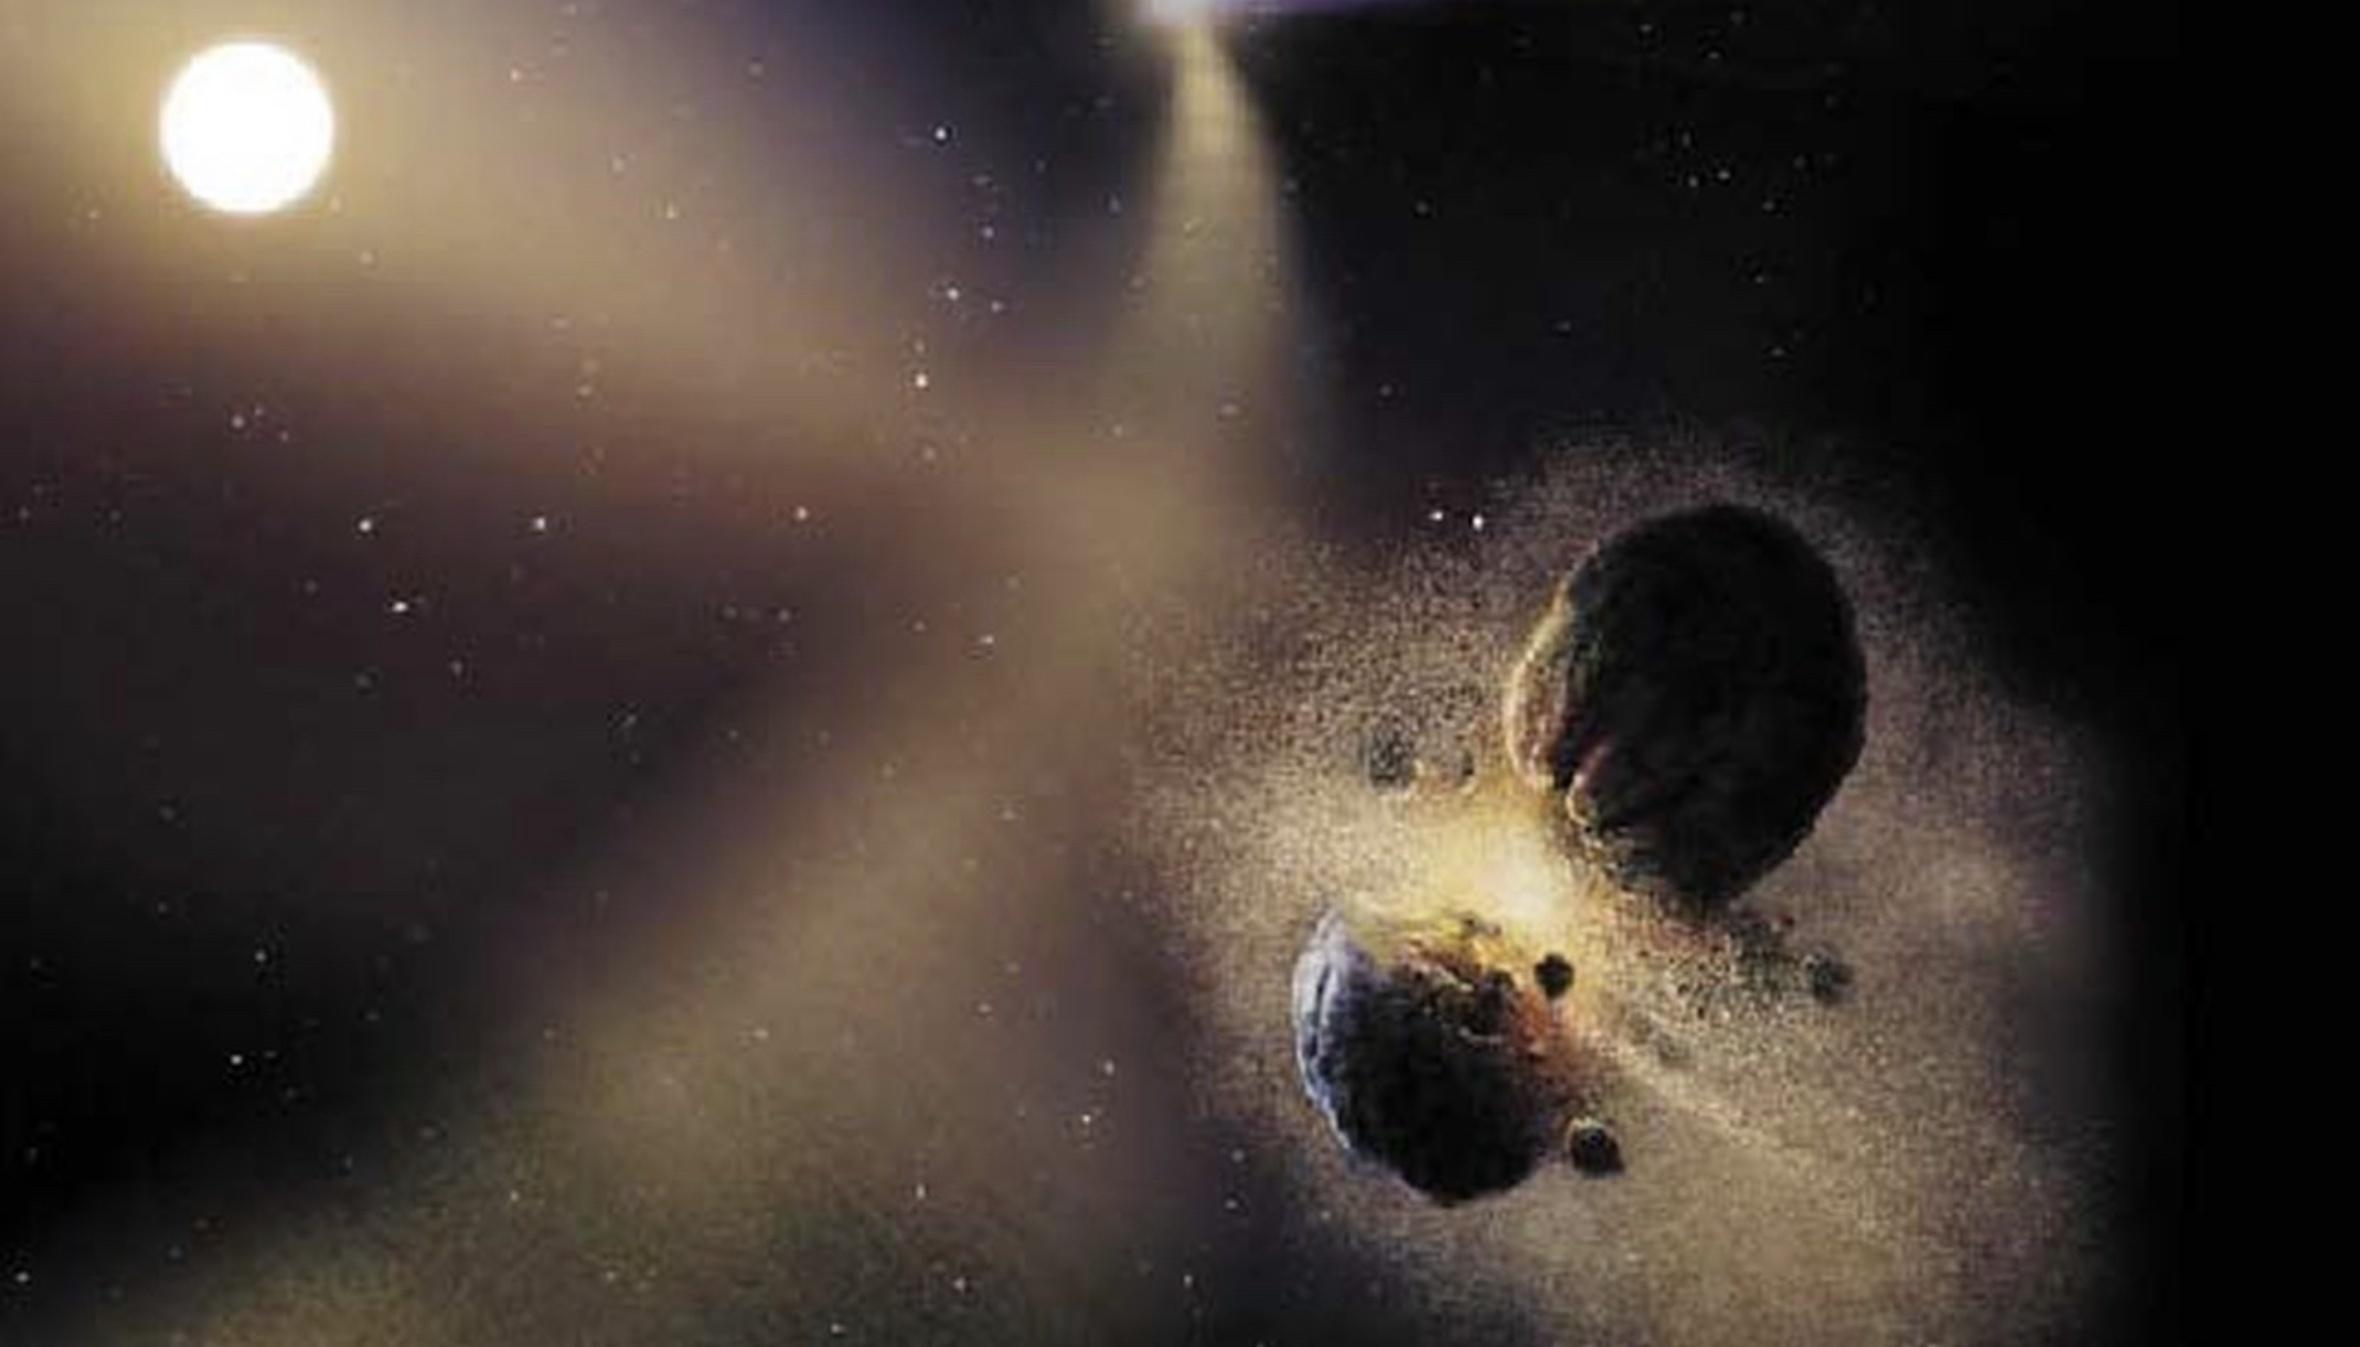 Poussière dans le système solaire du site https://www.pourlascience.fr/sd/astronomie/des-poussieres-dans-les-systemes-planetaires-5957.php